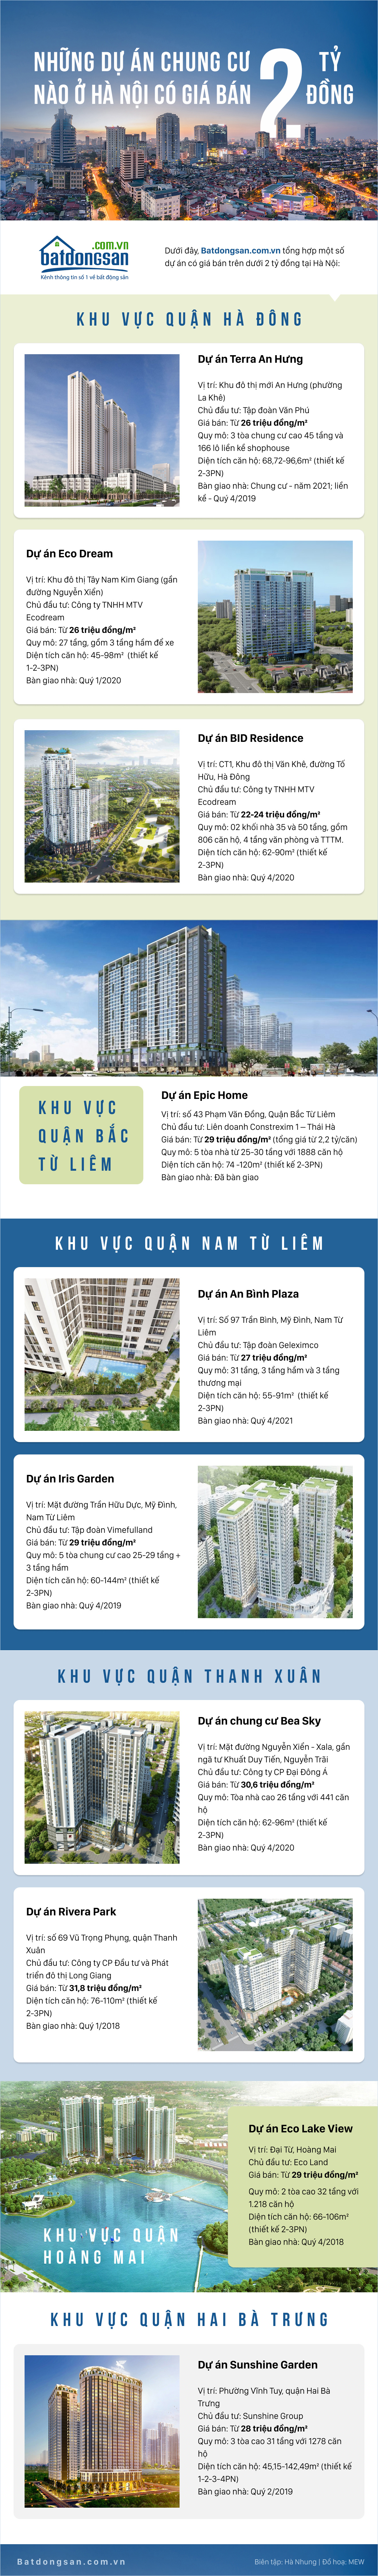 Infographic gồm hình ảnh dự án chung cư, chữ đen, trắng, nền xanh